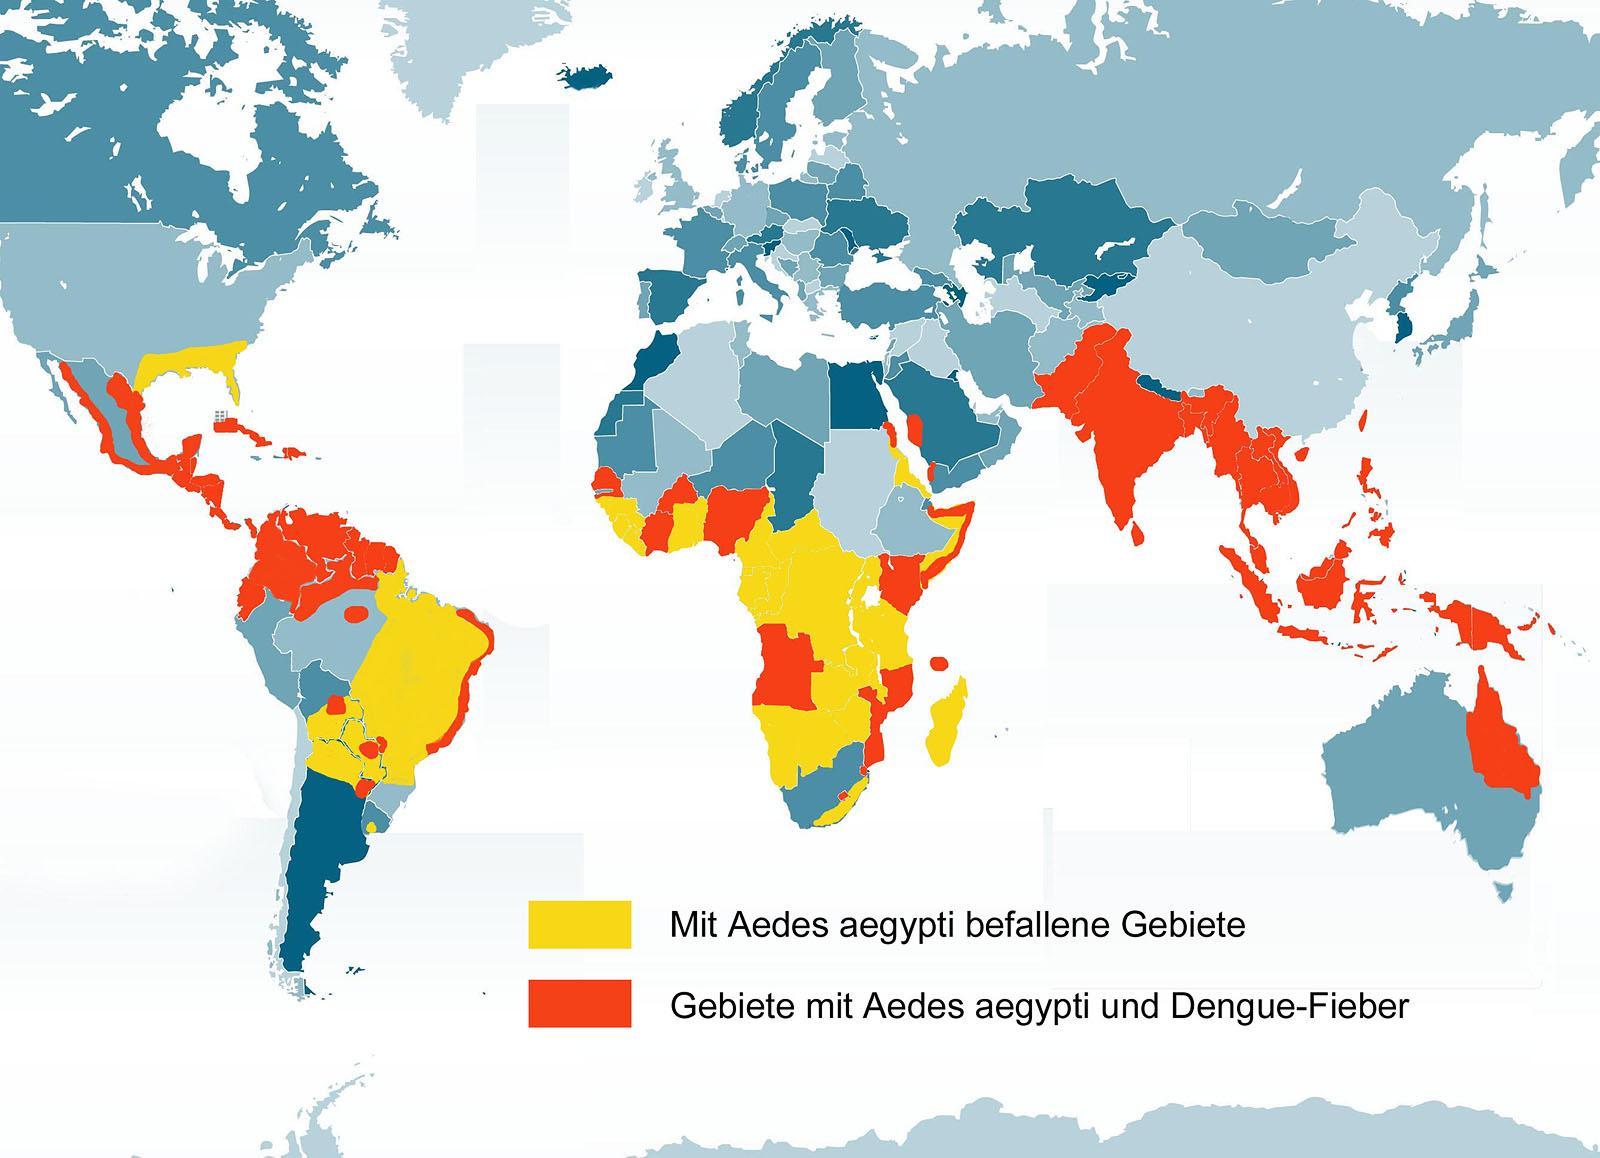 Malaria Kambodscha Karte.Dengue Fieber Service Reisemedizin Goruma